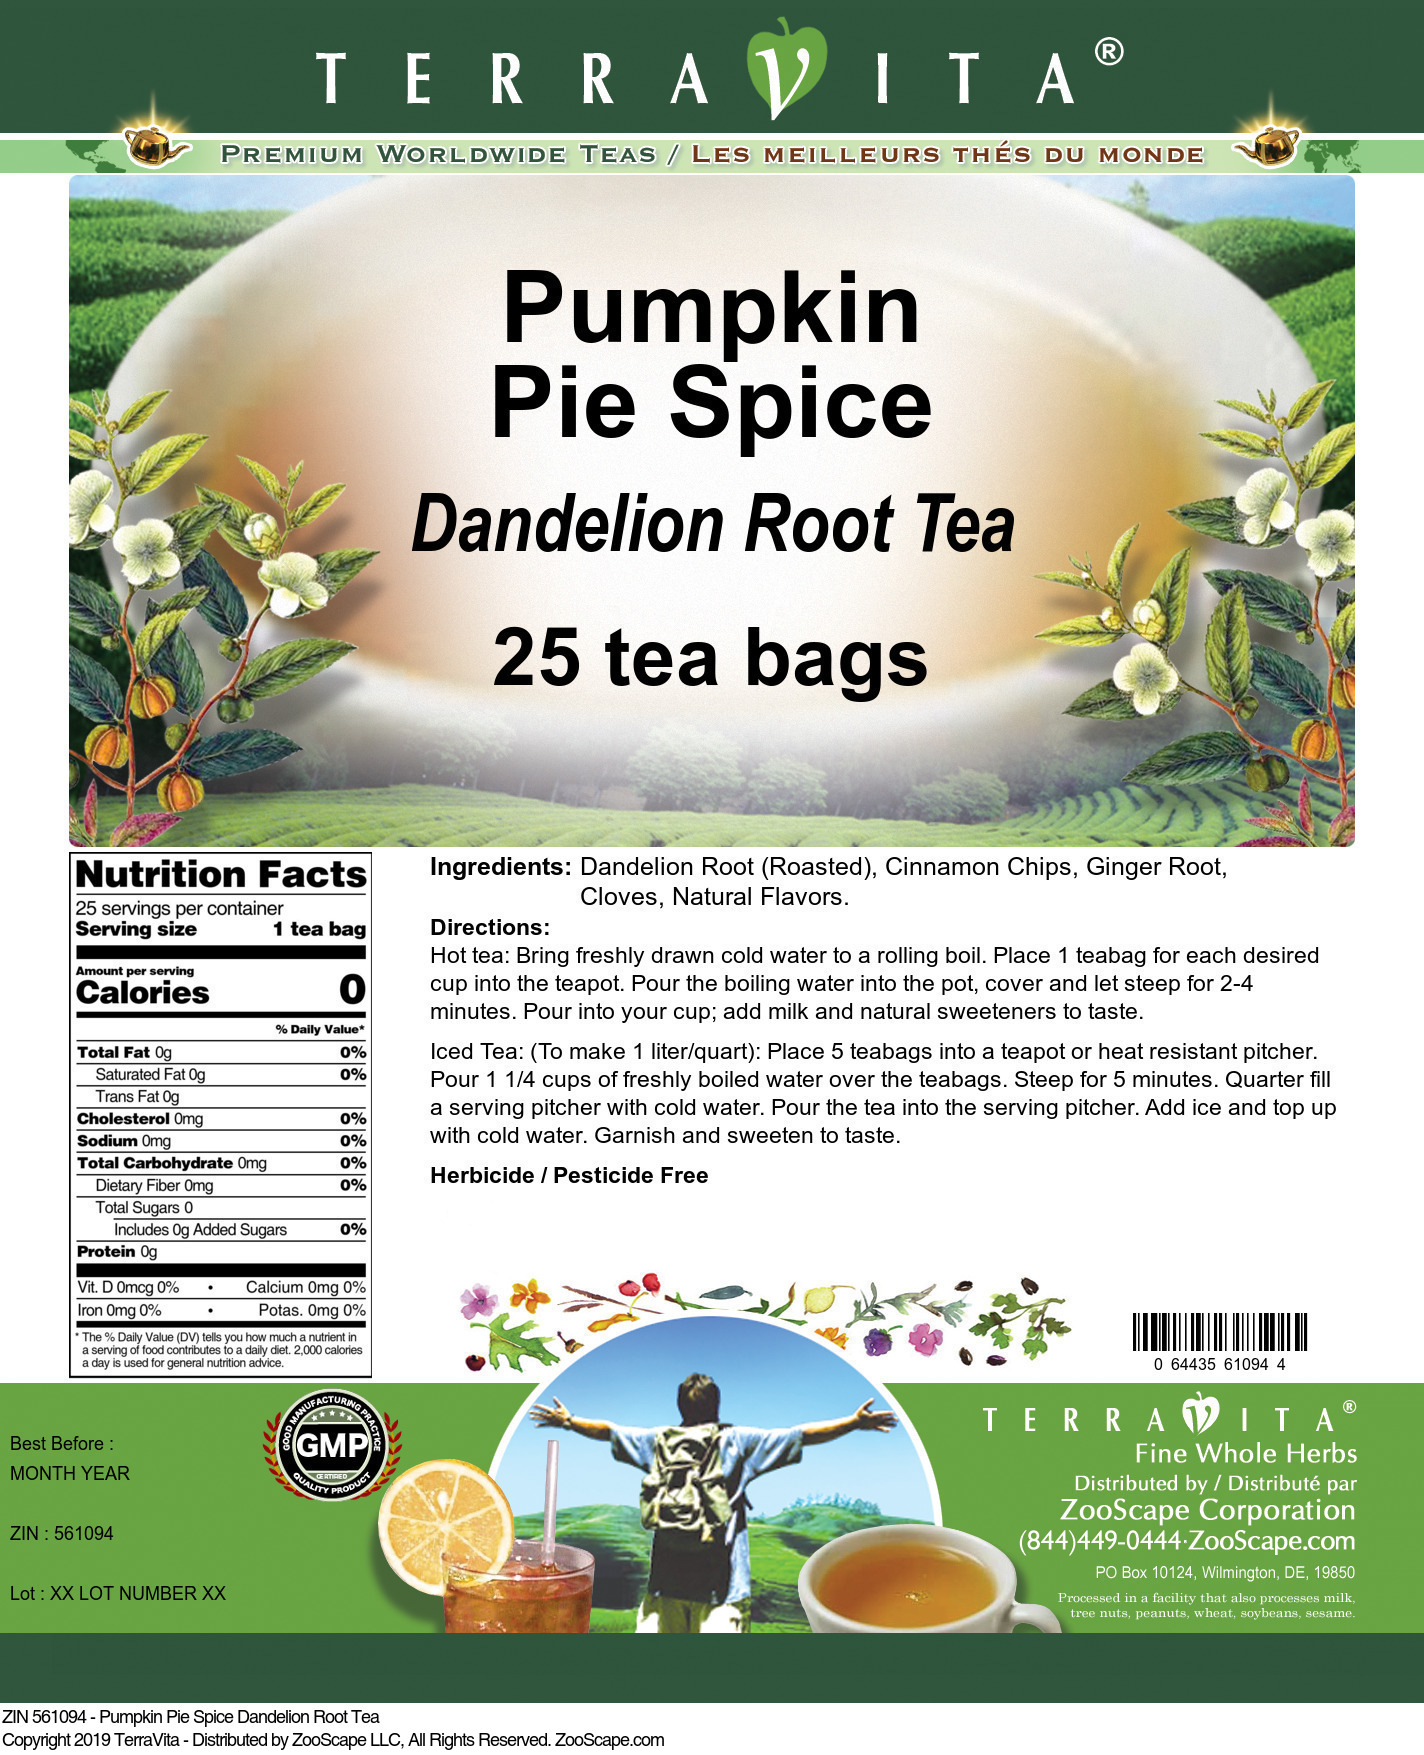 Pumpkin Pie Spice Dandelion Root Tea